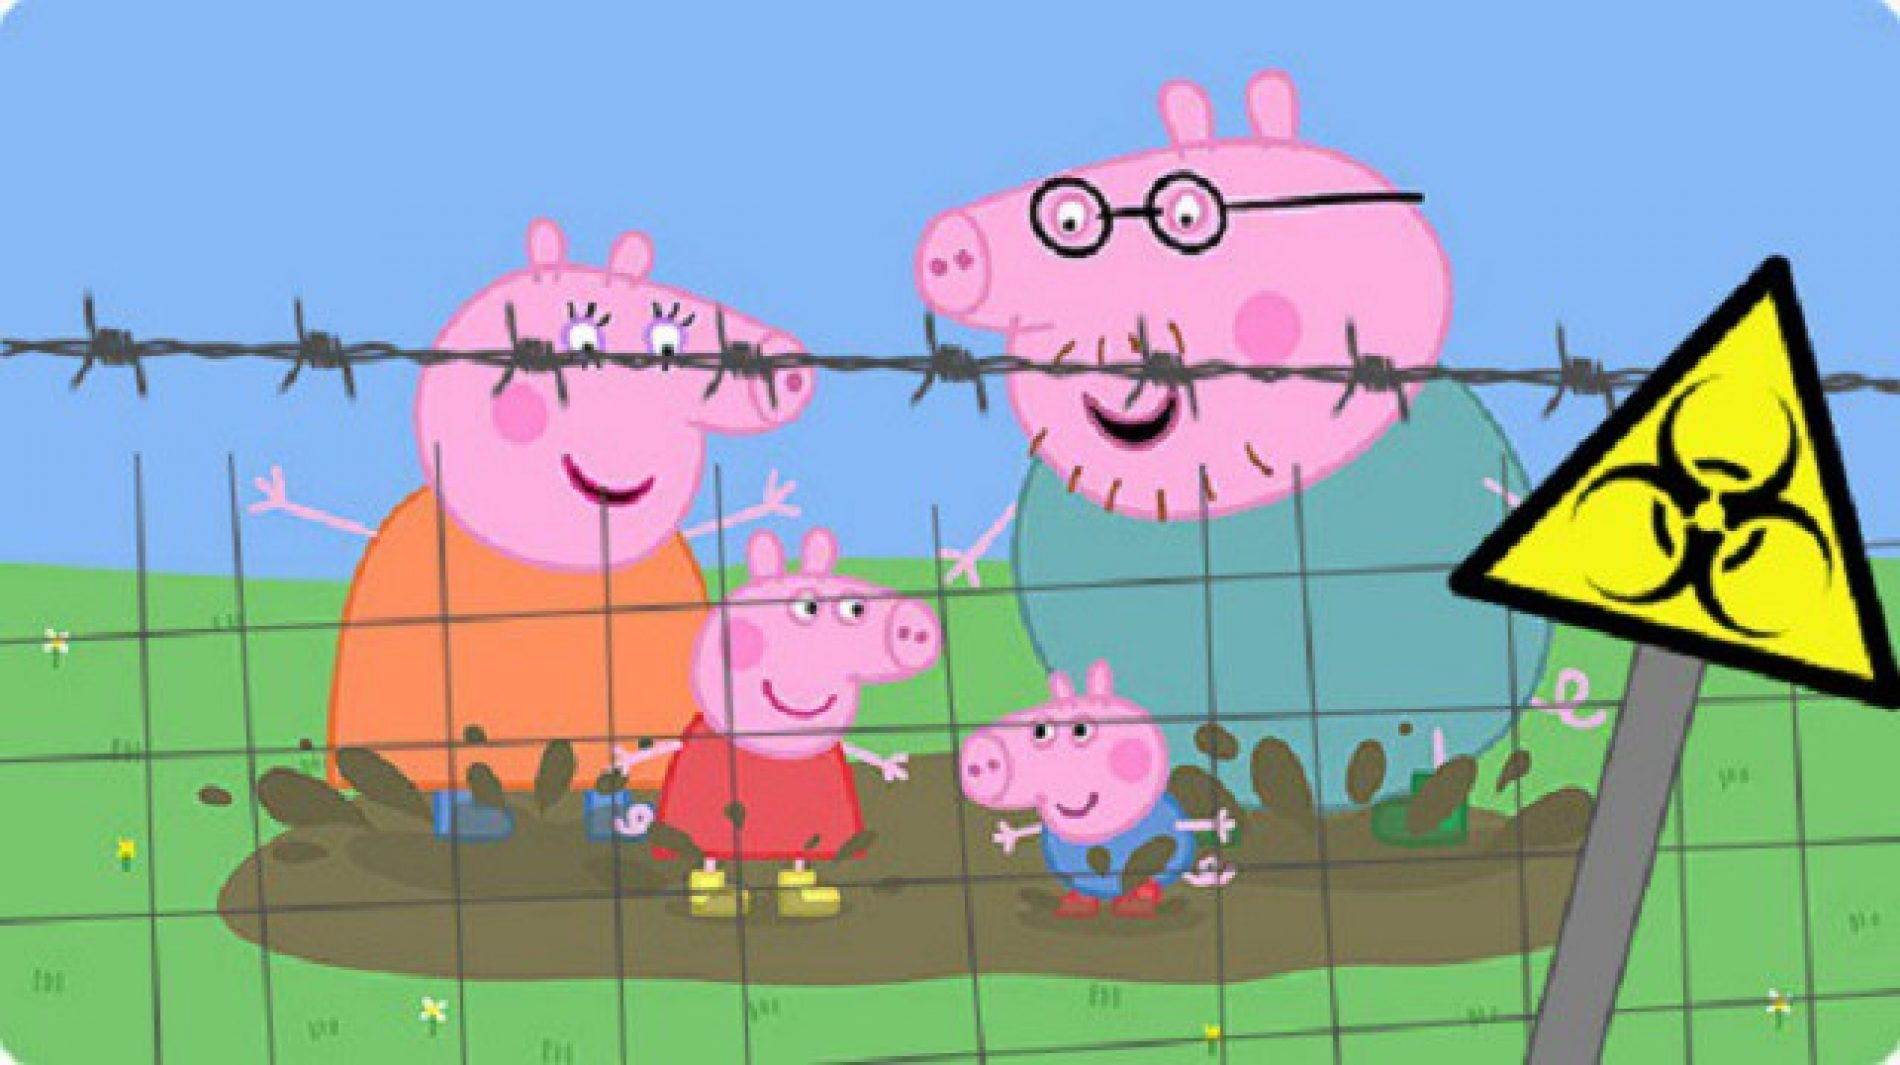 VERDADE OU MENTIRA: A origem do personagem Peppa Pig é uma história terrível?